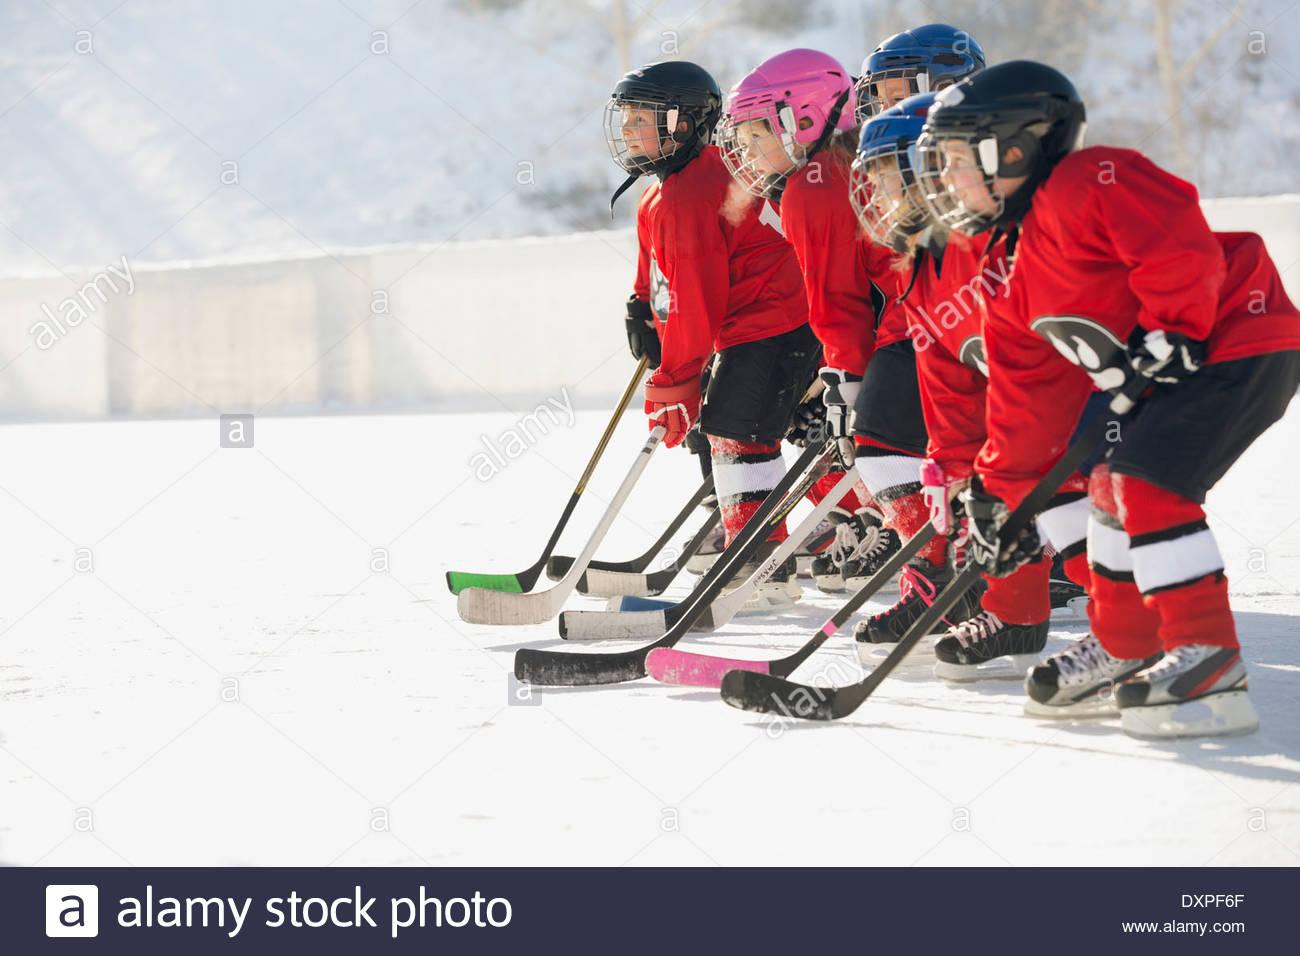 Comité permanent de l'équipe de hockey sur glace dans une patinoire en ligne Photo Stock